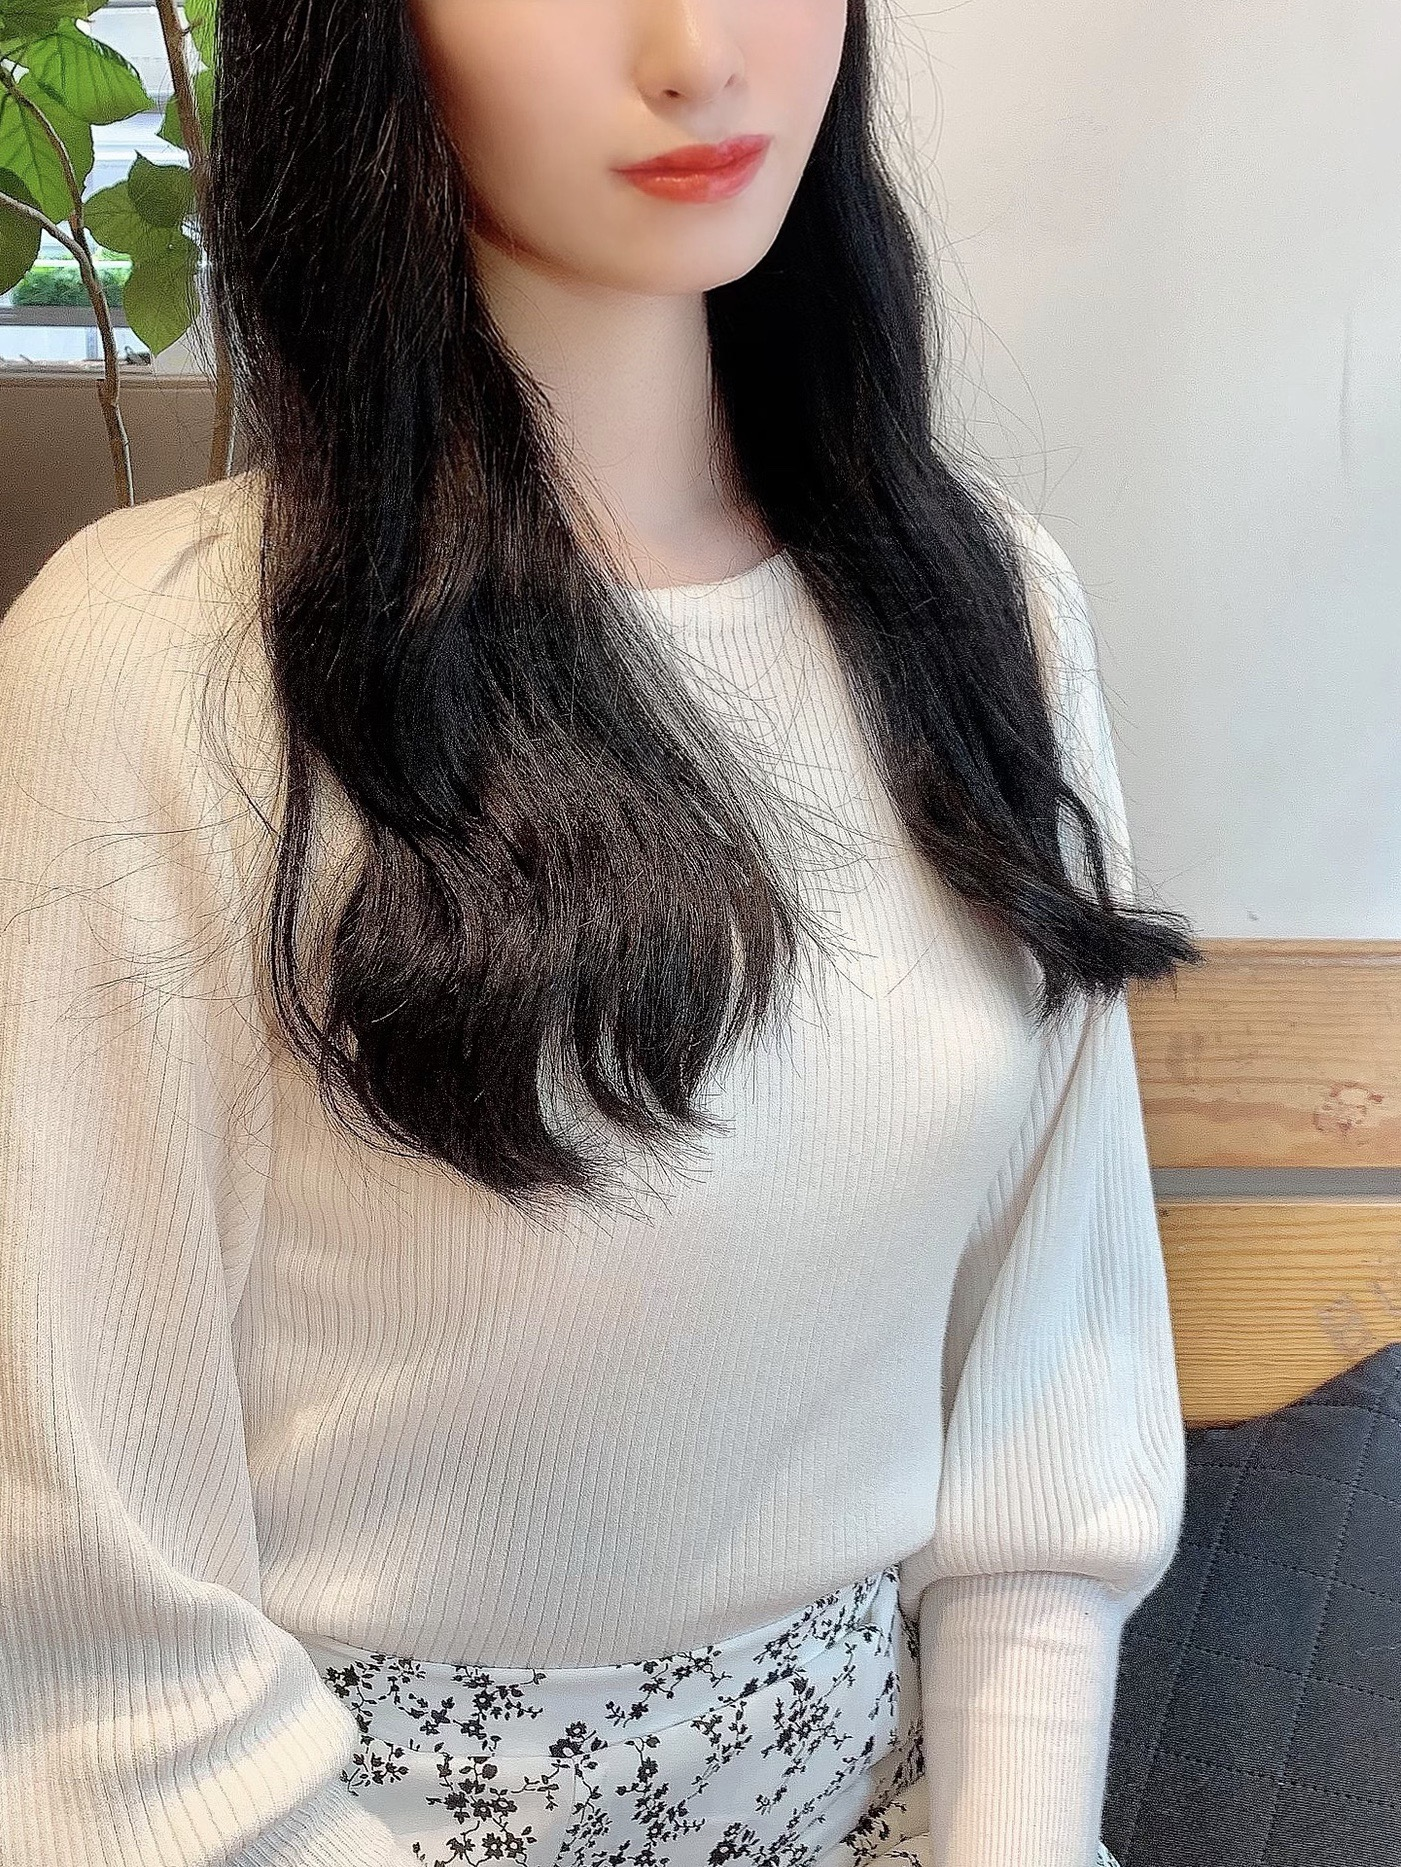 江夏 美耶